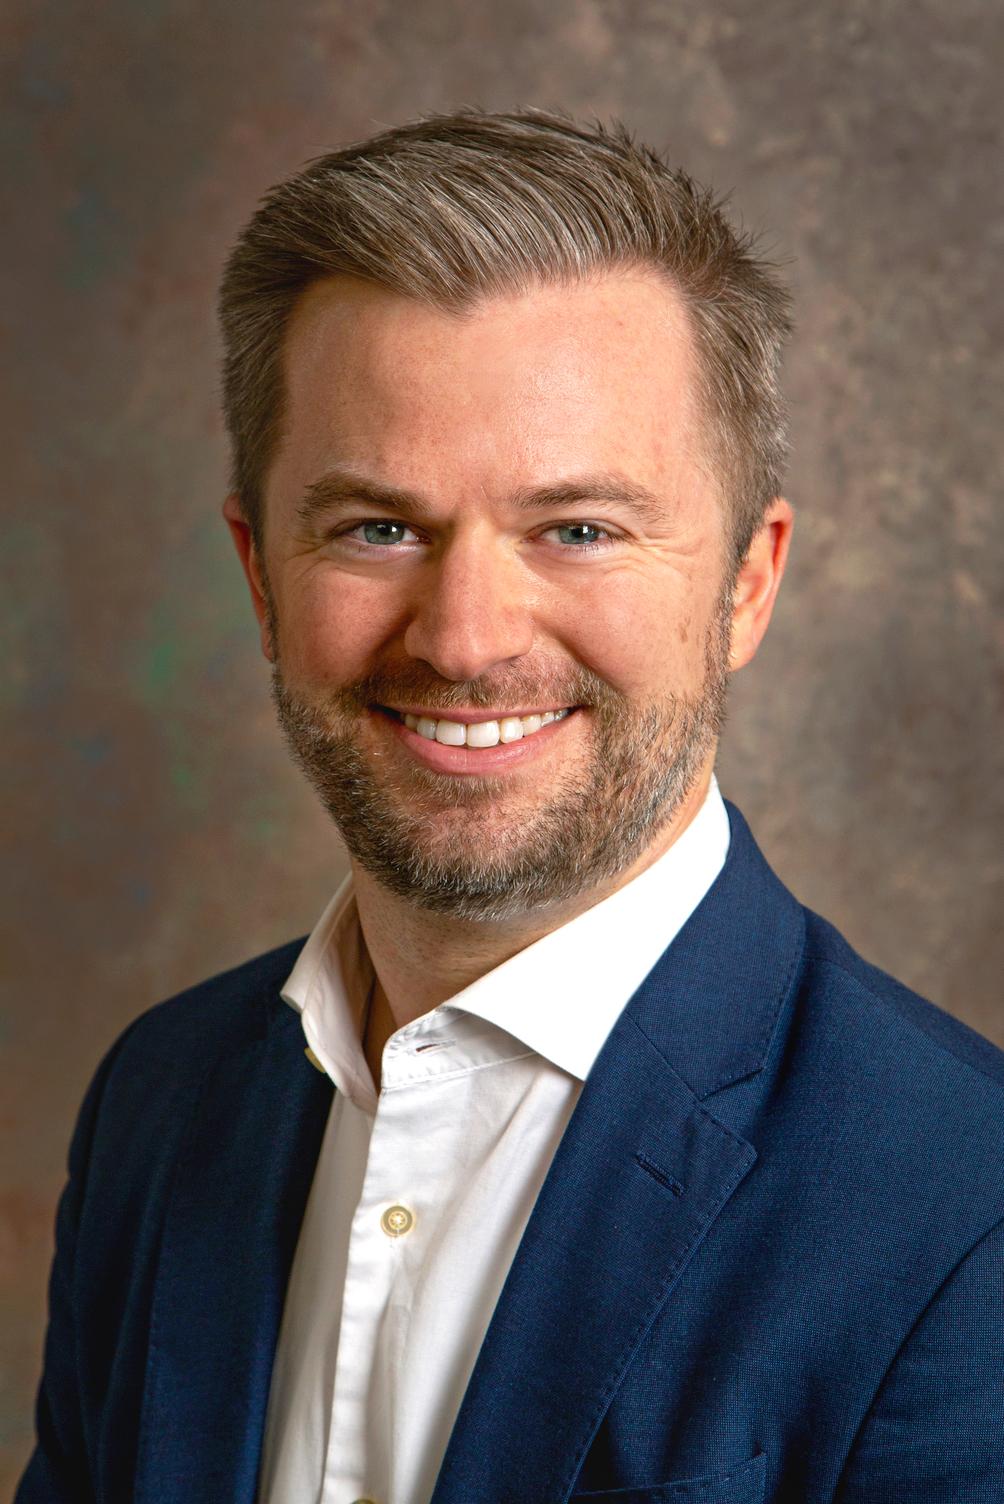 Bryan A. VanGronigen portrait